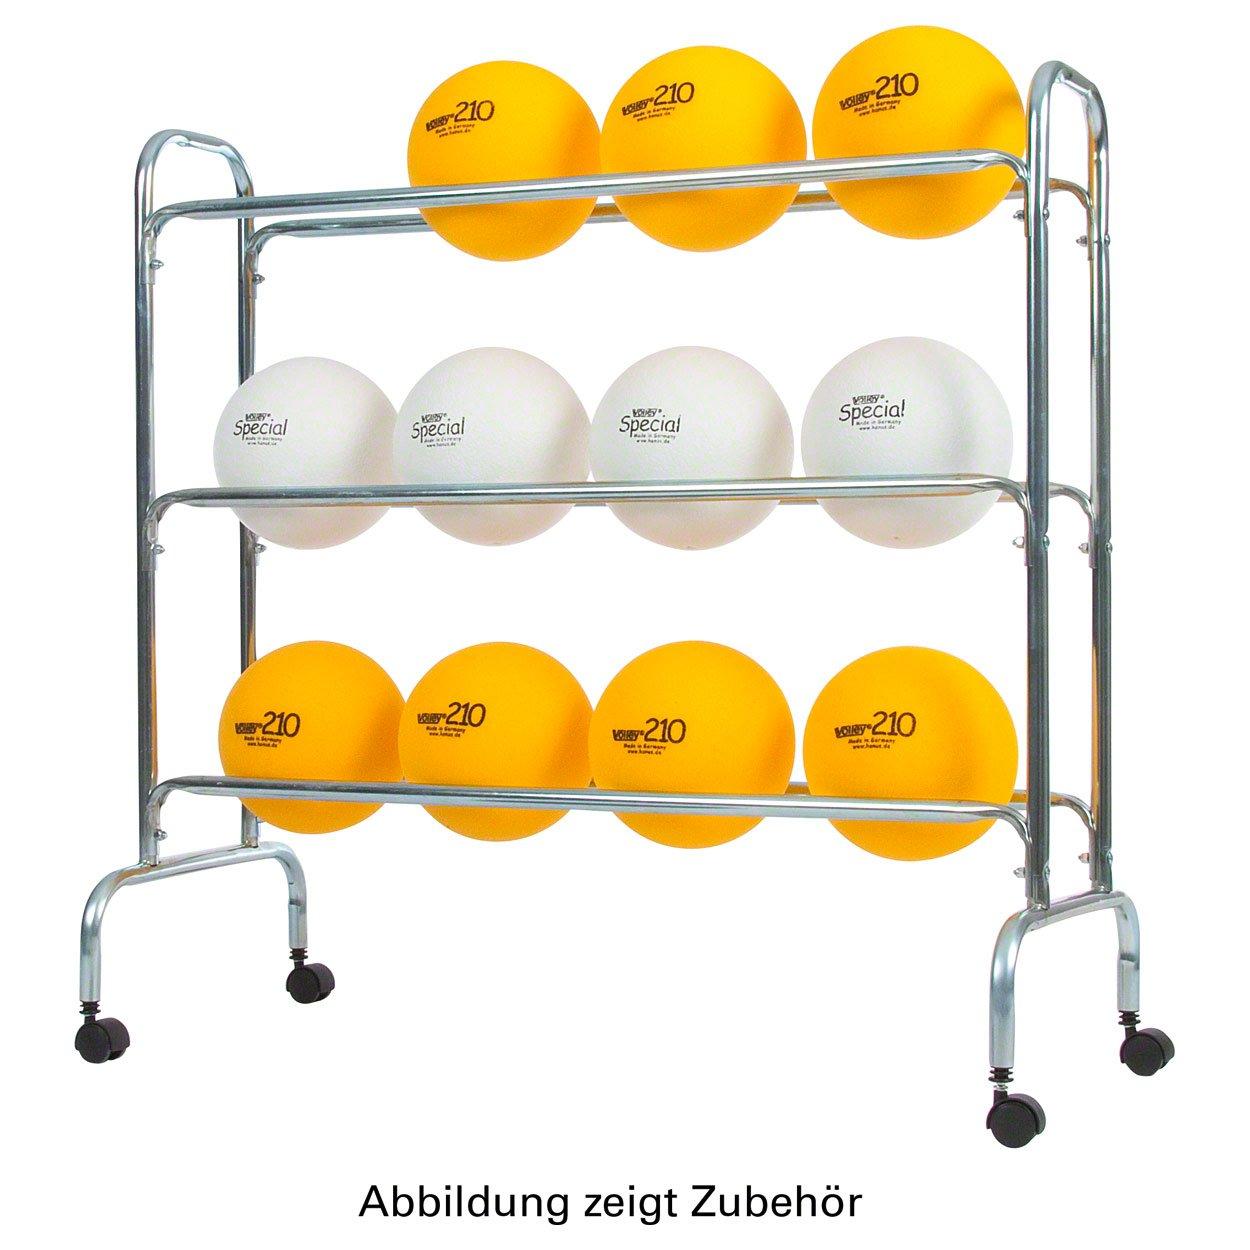 Ballregal für bis zu 12 Bälle, Ballwagen für Sporthallen Vielzweckwagen, fahrbar Sport-Tec